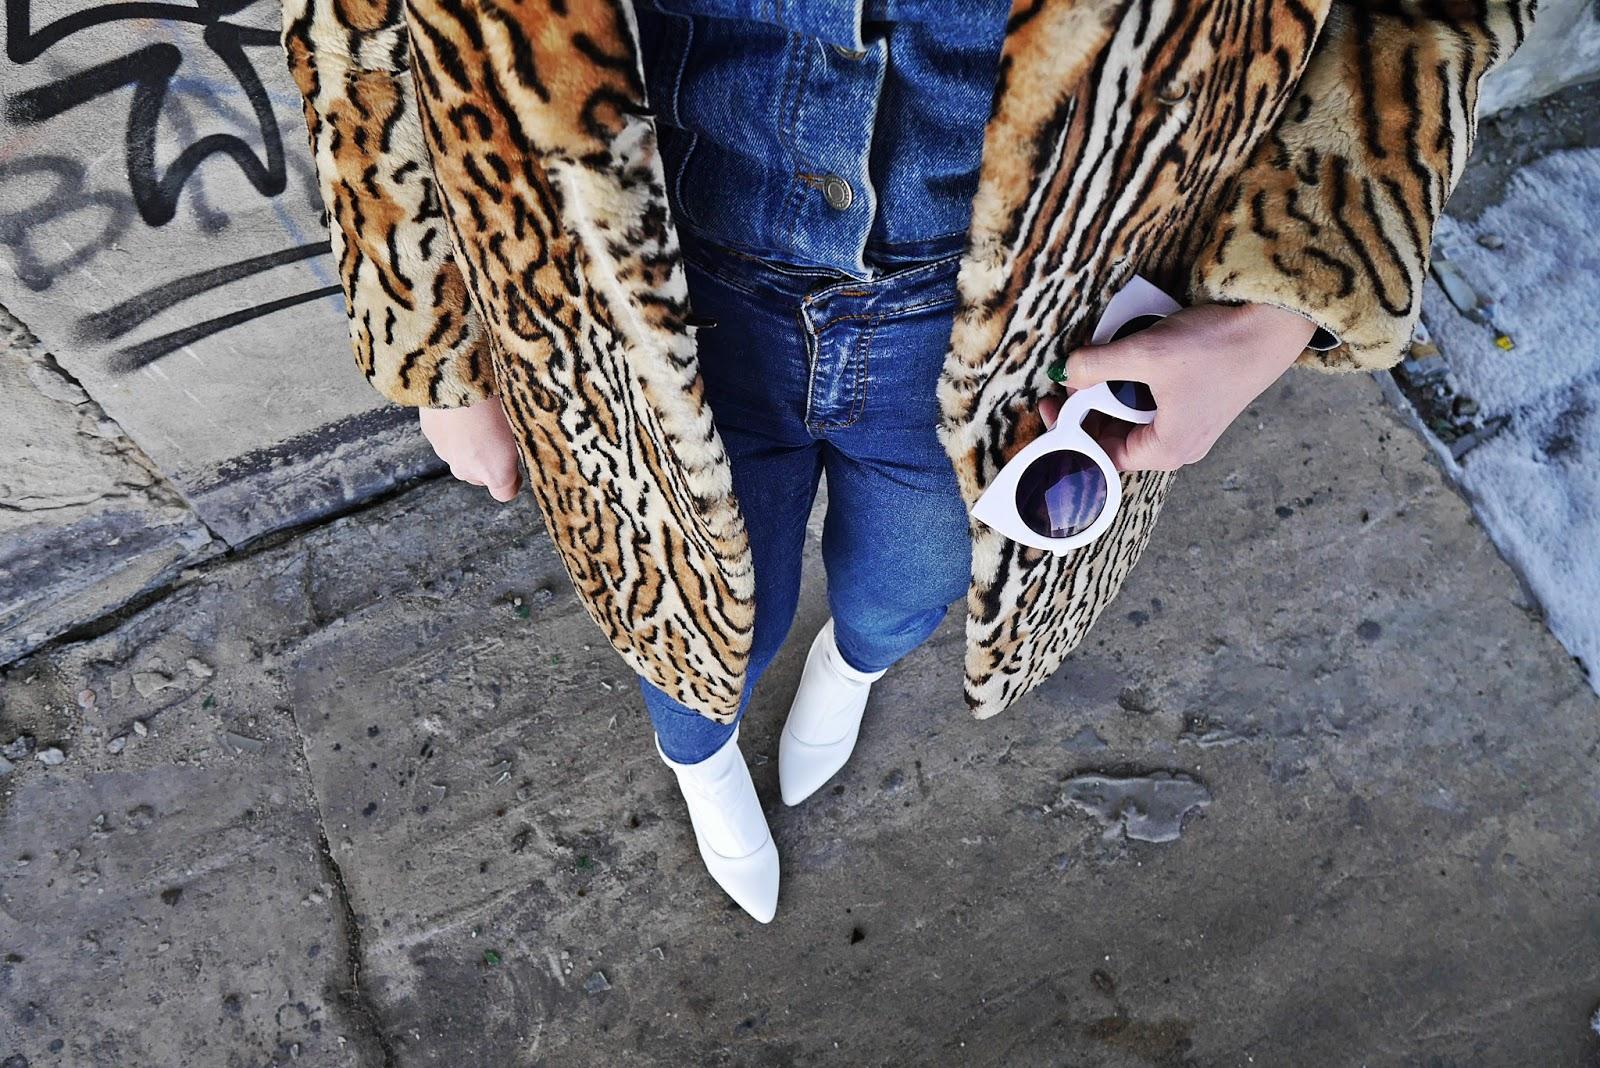 3_renee_biale_botki_futerko_w_panterke_jeansowe_spodnie_180318dfrasw